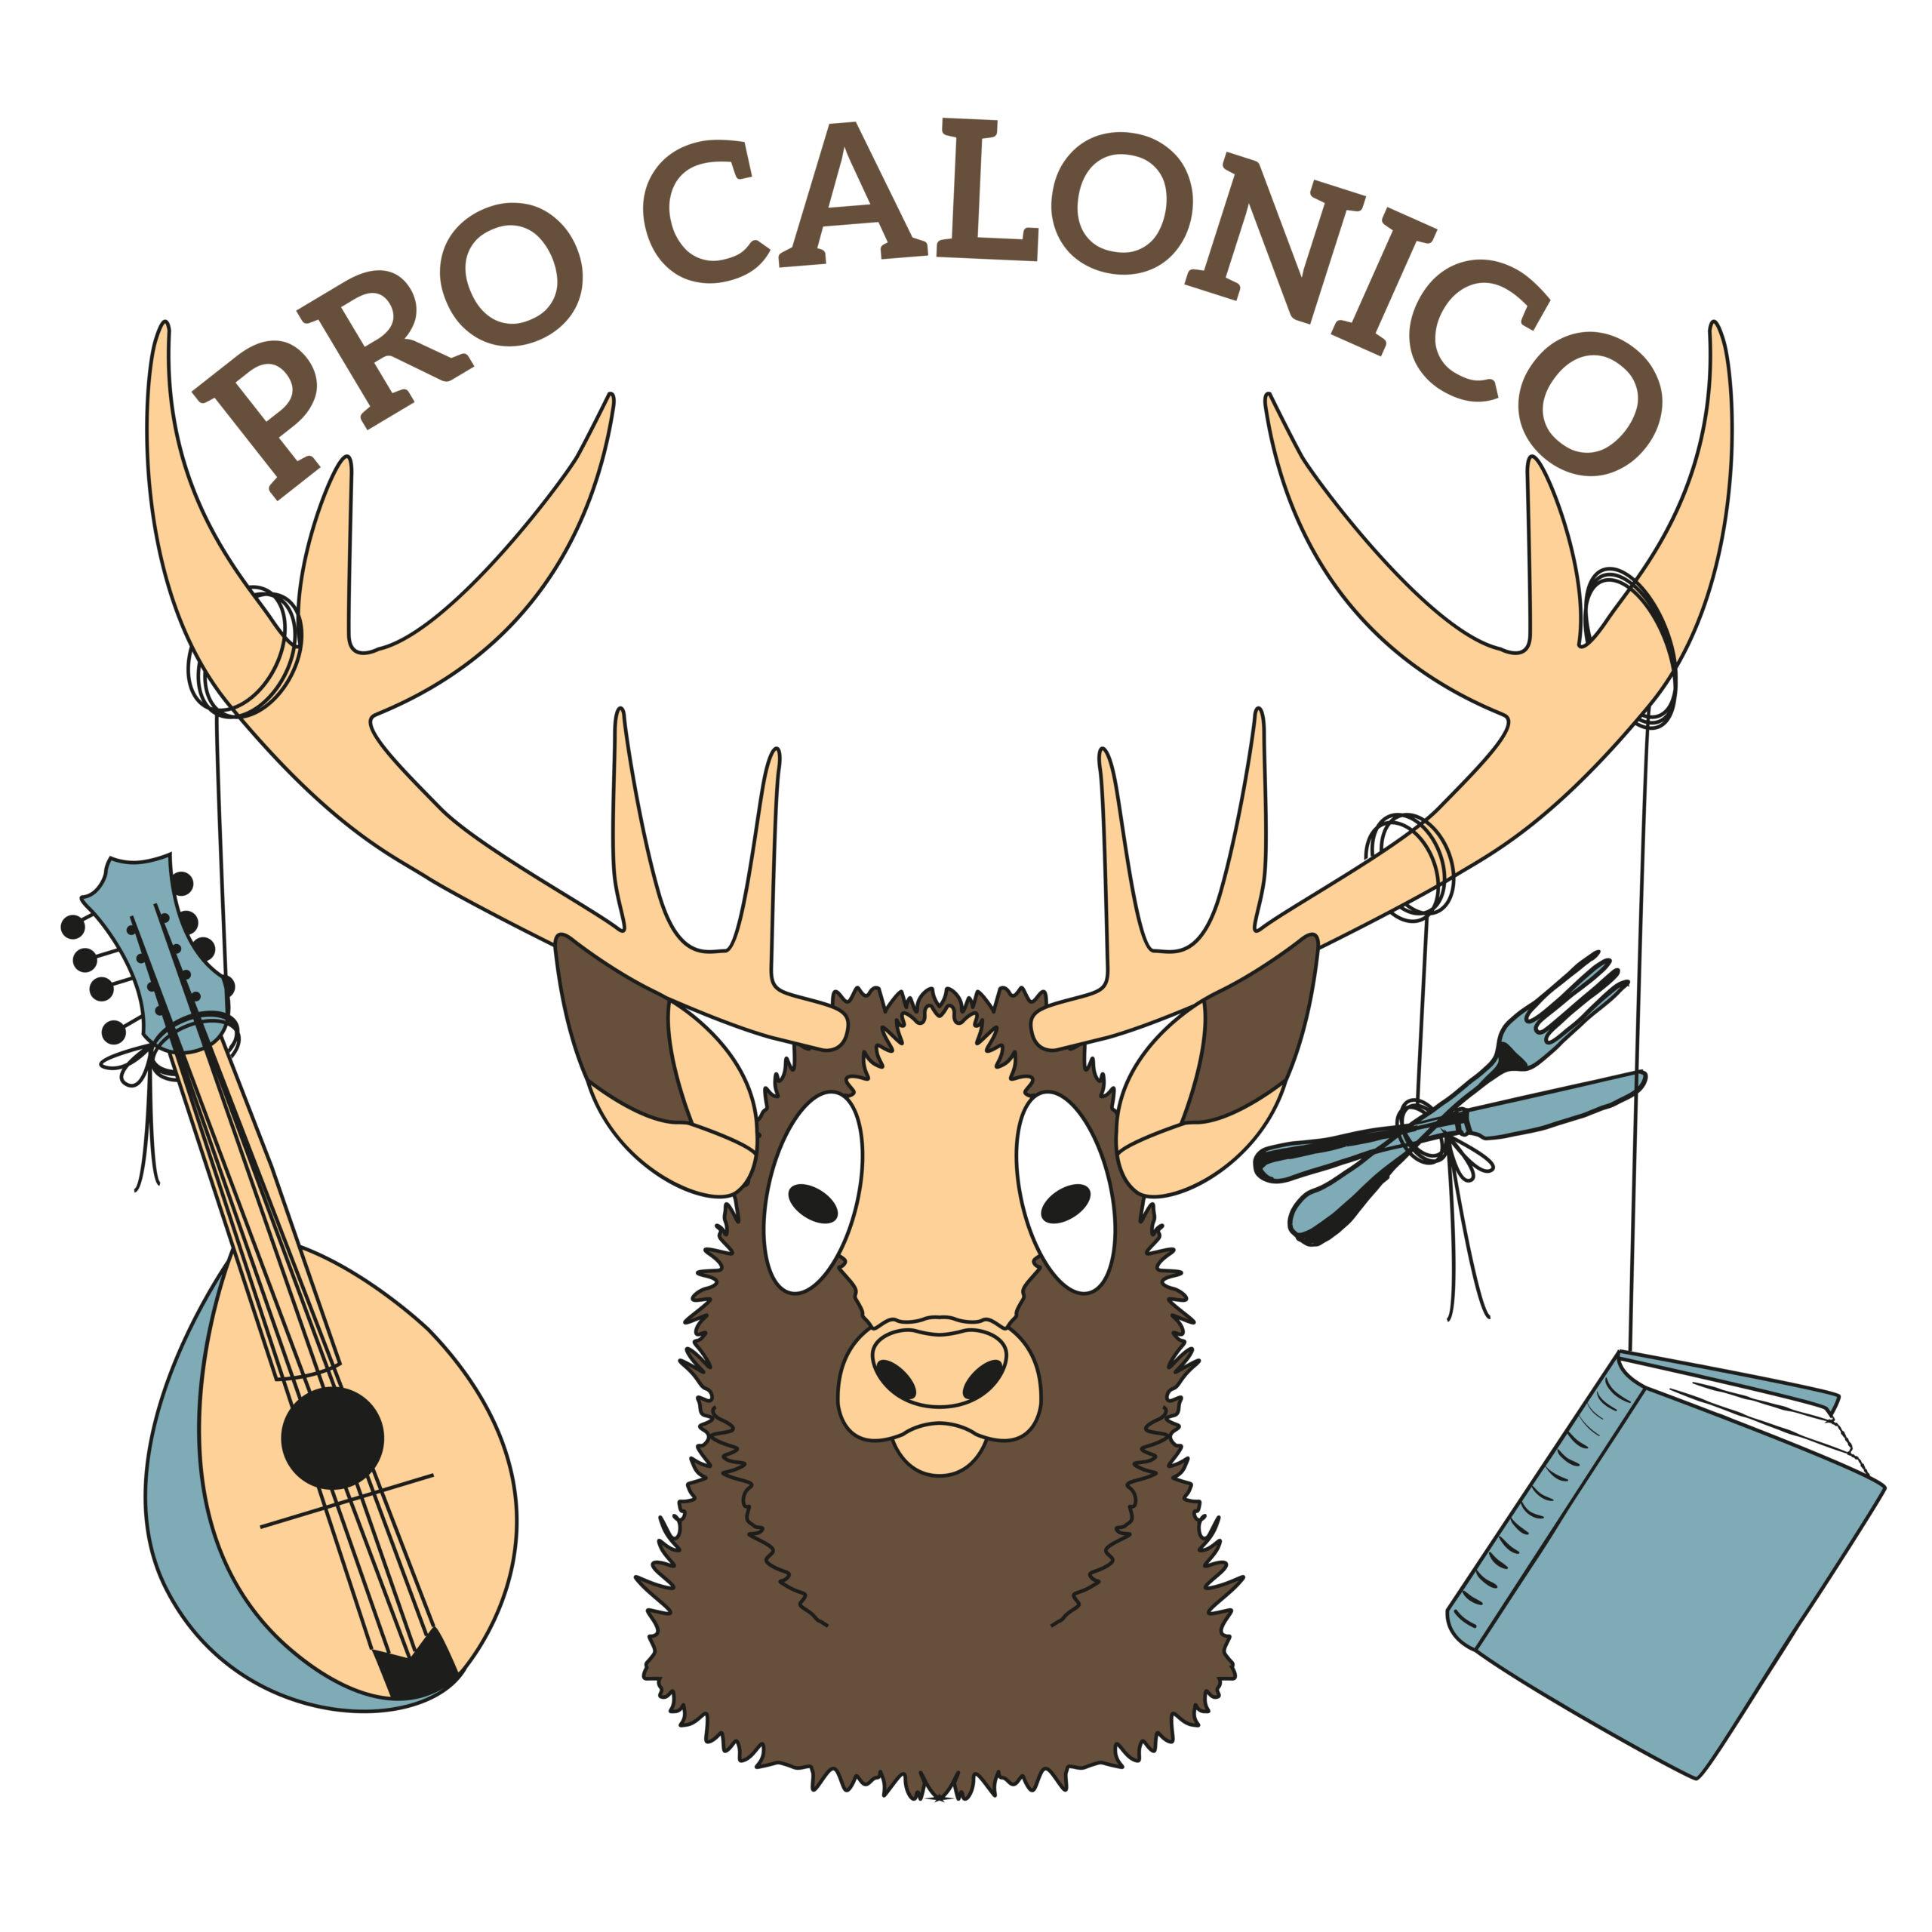 Ricostruzione vettoriale logo Pro Calonico